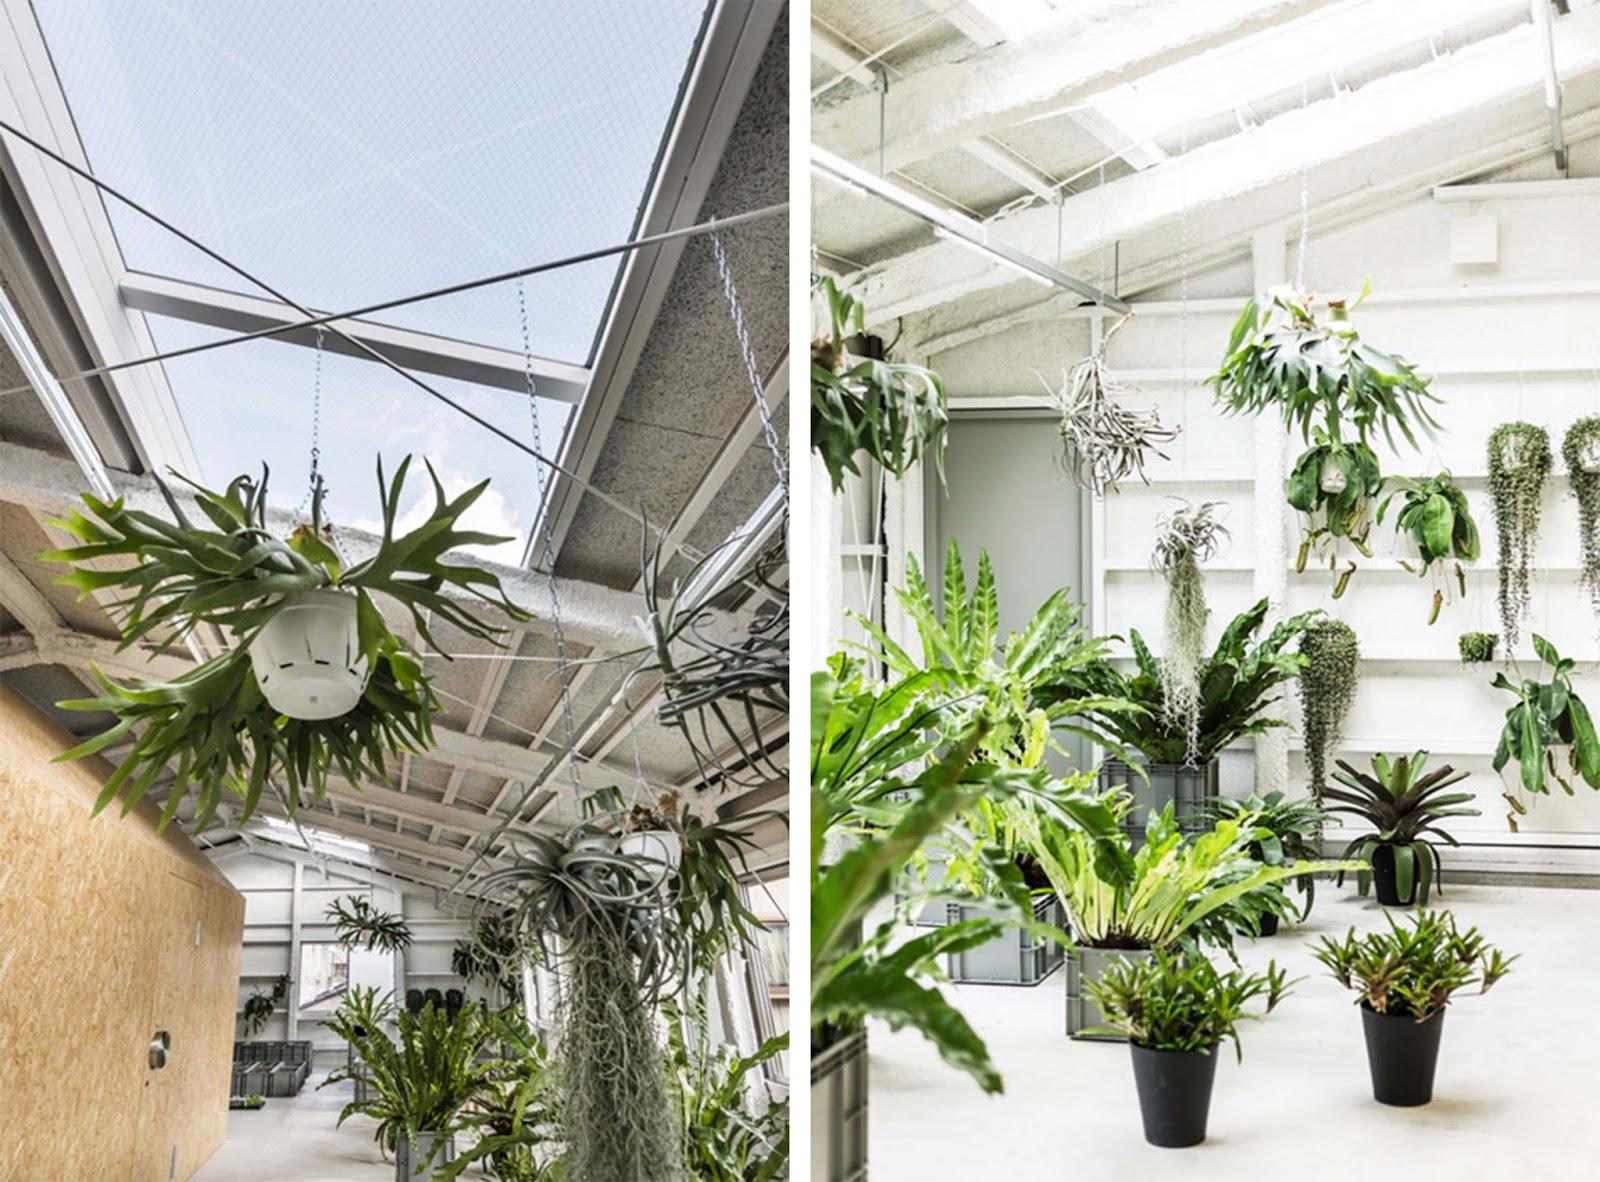 Piante indoor - Piante verdi interno ...